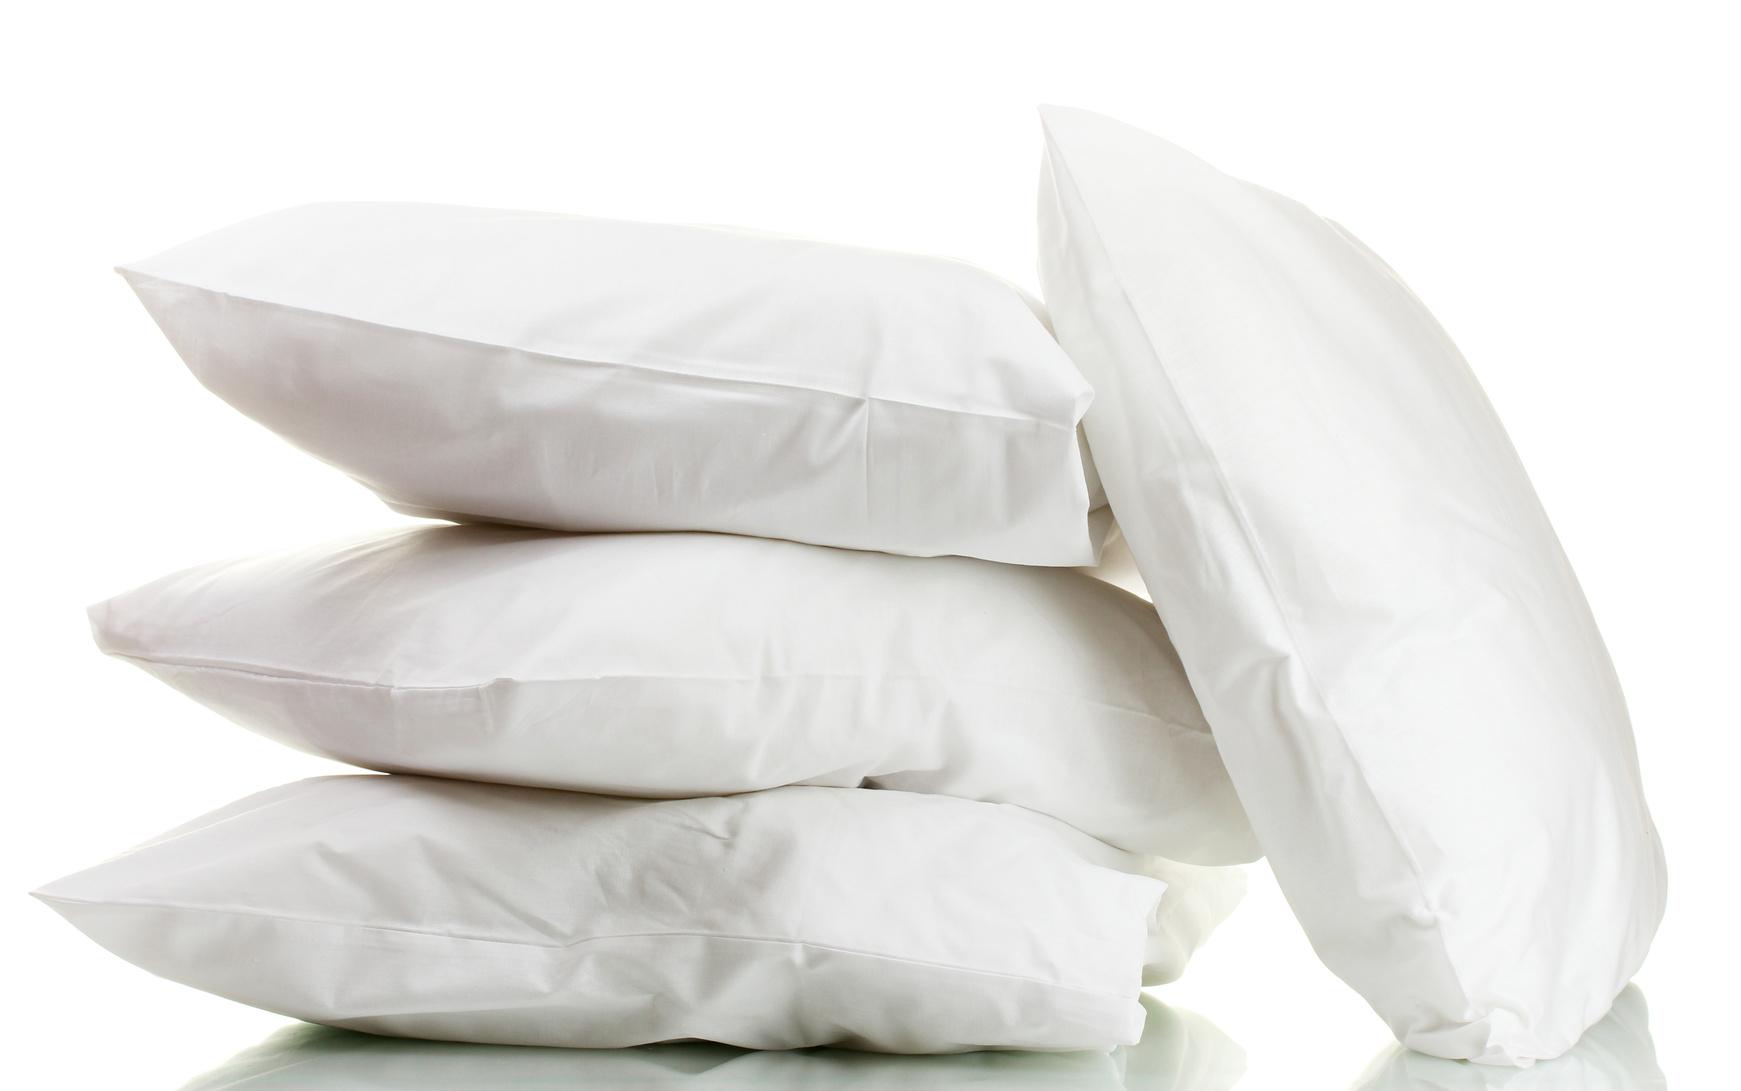 me levanto con dolor de cuello, ¿qué tipo de almohada es mejor para